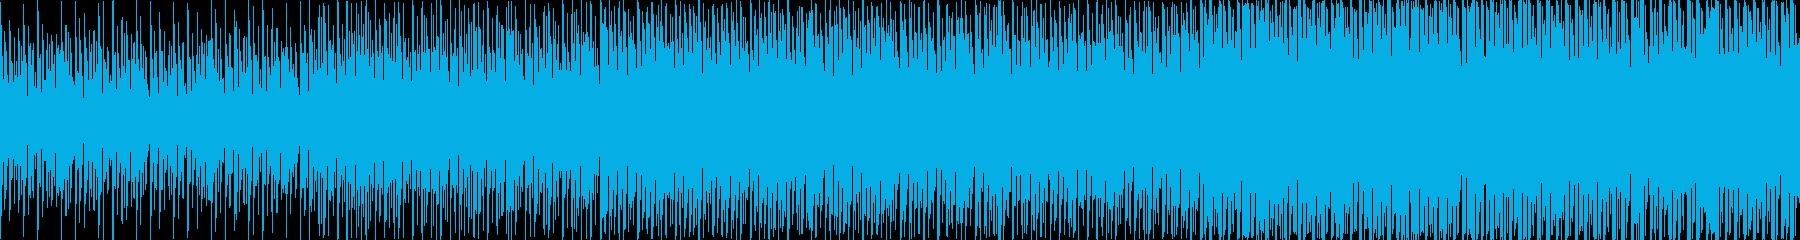 テレビゲーム 電子打楽器 技術的な...の再生済みの波形